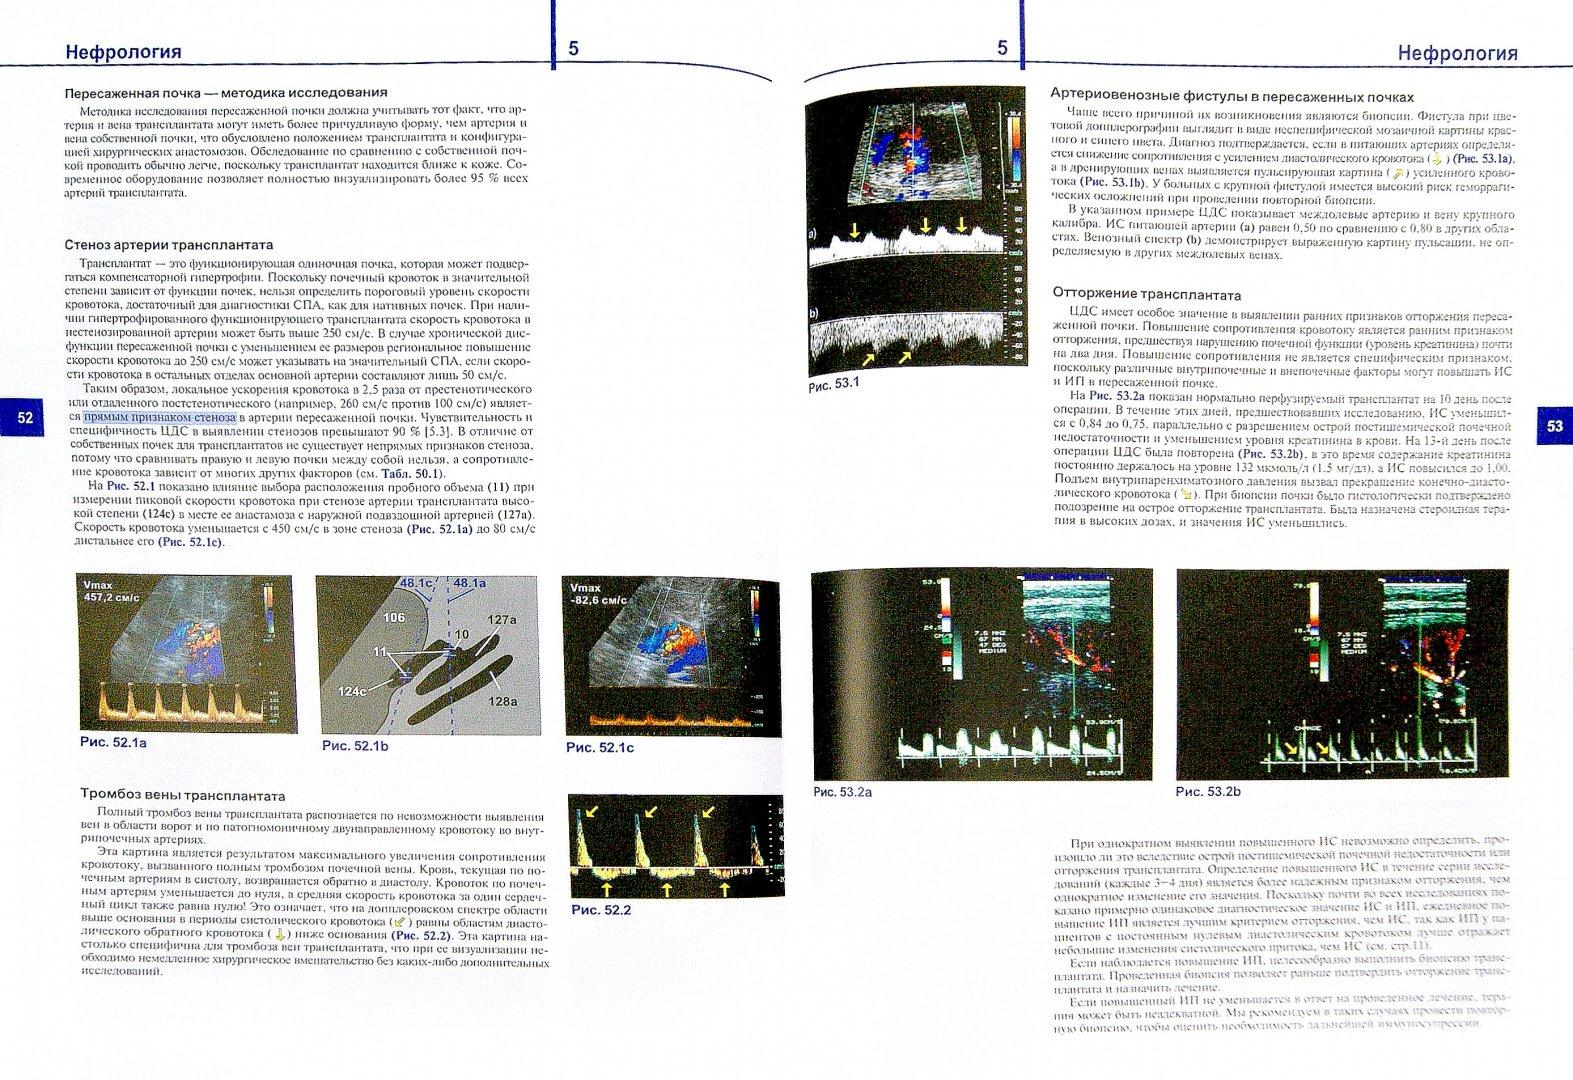 Иллюстрация 1 из 45 для Цветовая дуплексная сонография. Практическое руководство - Матиас Хофер   Лабиринт - книги. Источник: Лабиринт